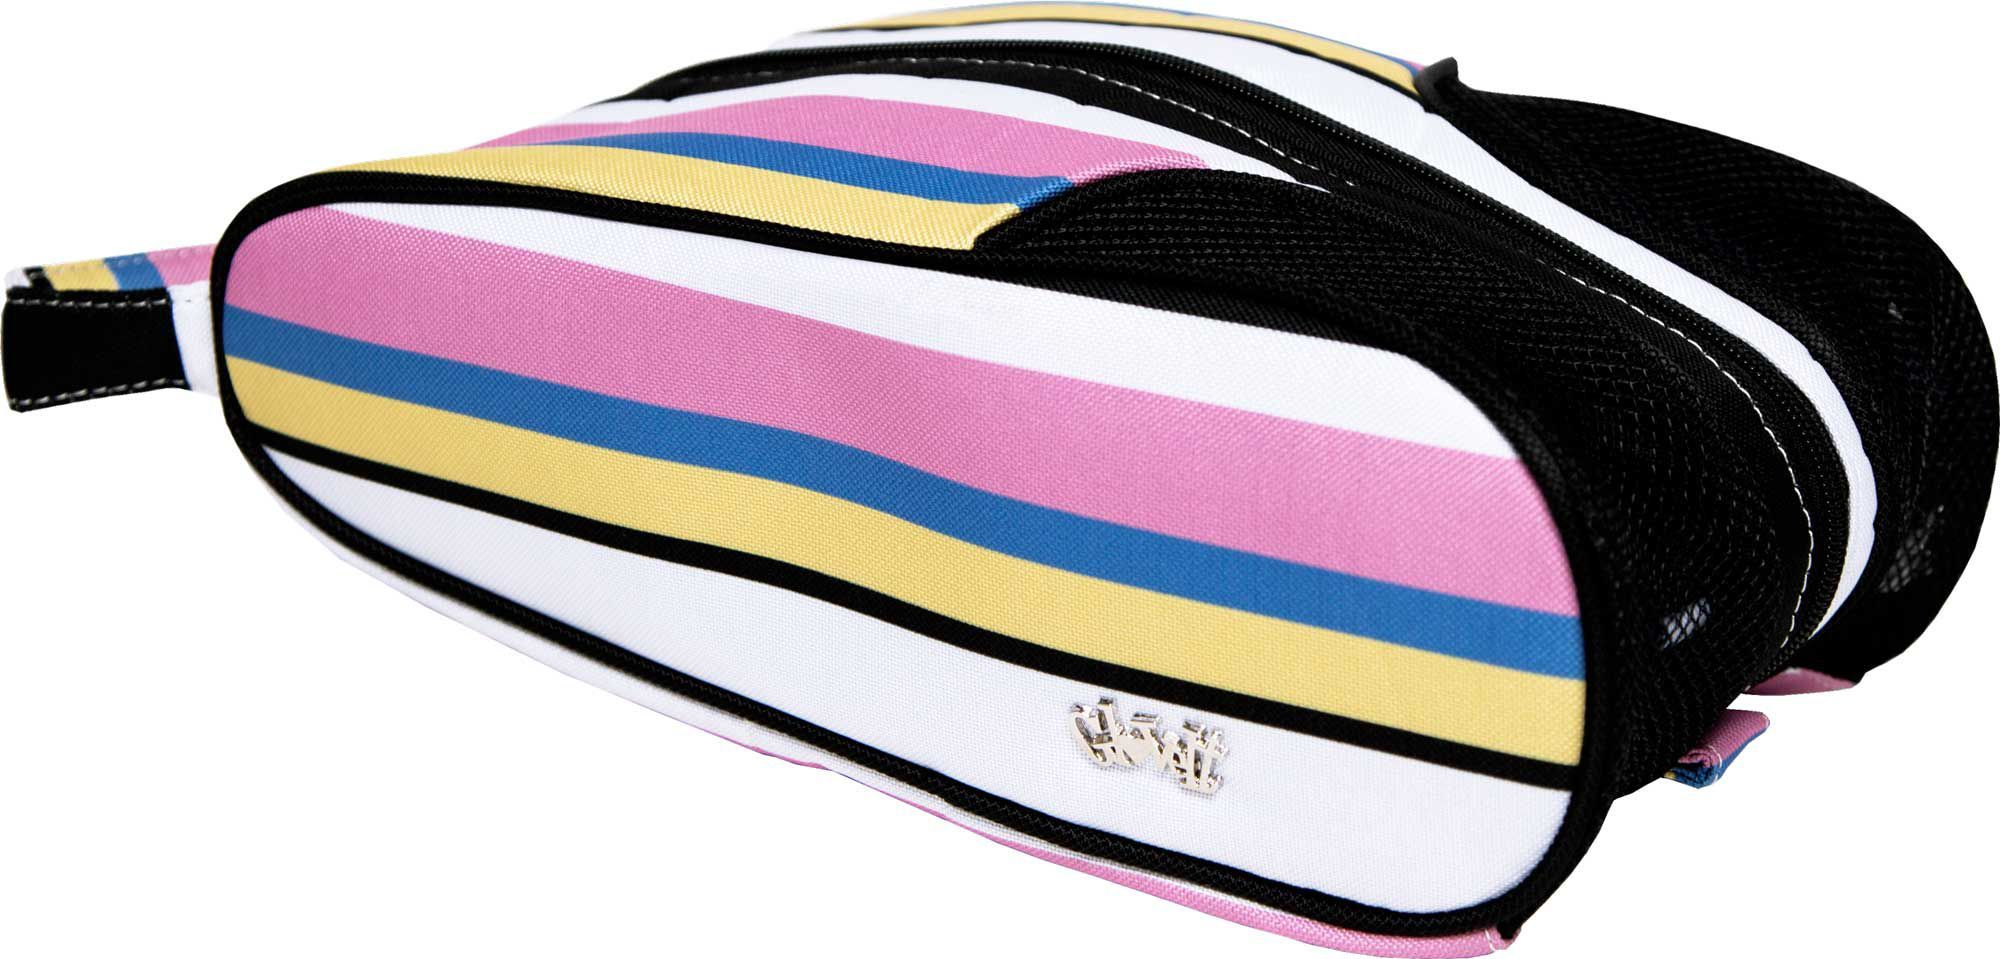 Glove It Women s Golf Shoe Bag b9dc206811ac1